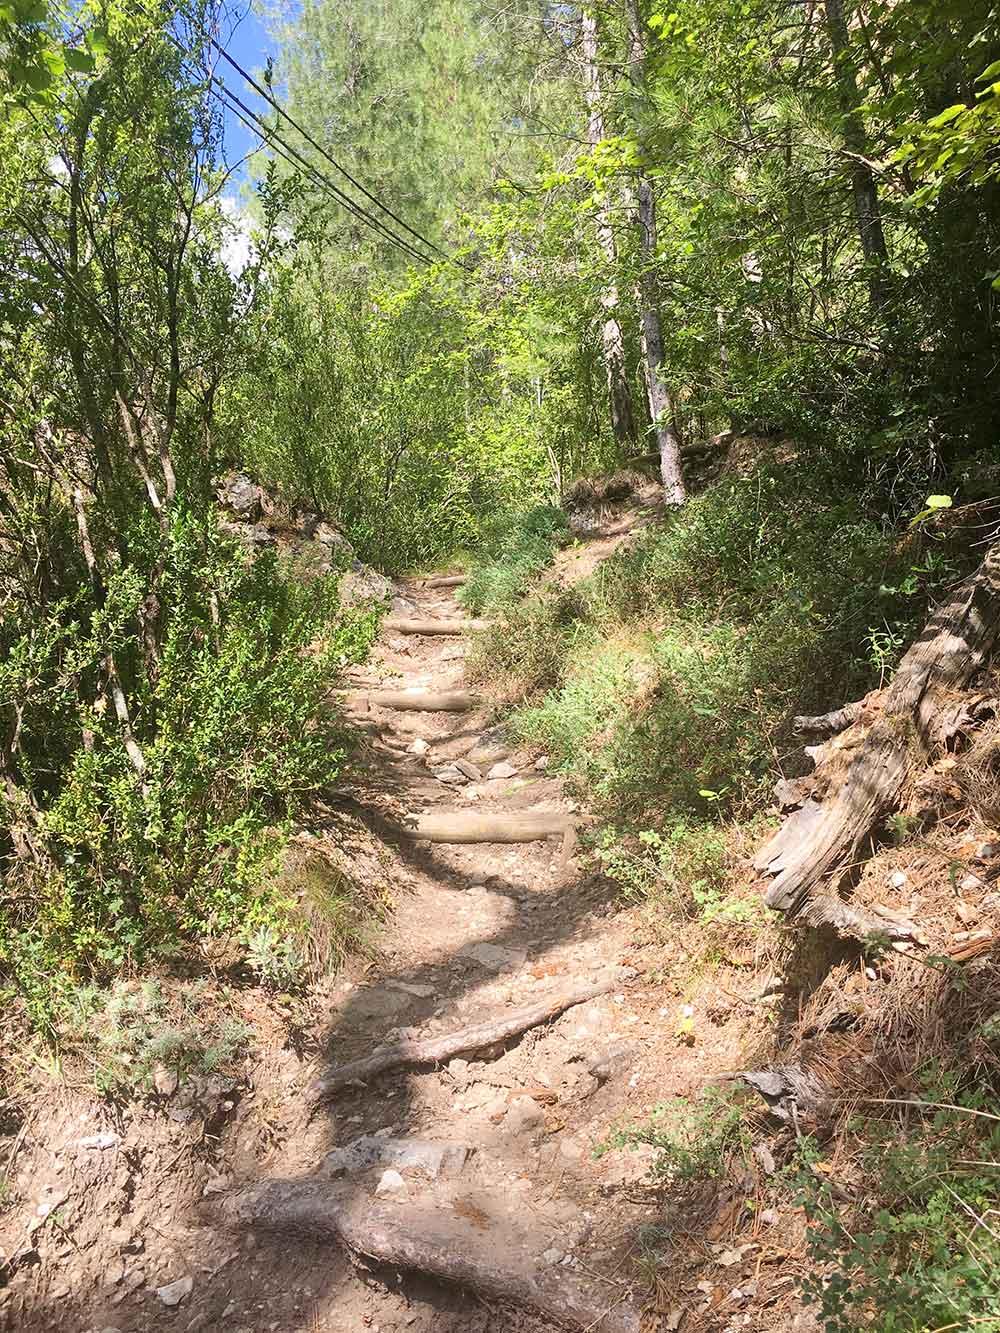 Hoz de Beteta y sumidero de Mata Asnos - Primer tramo Paseo Botánico